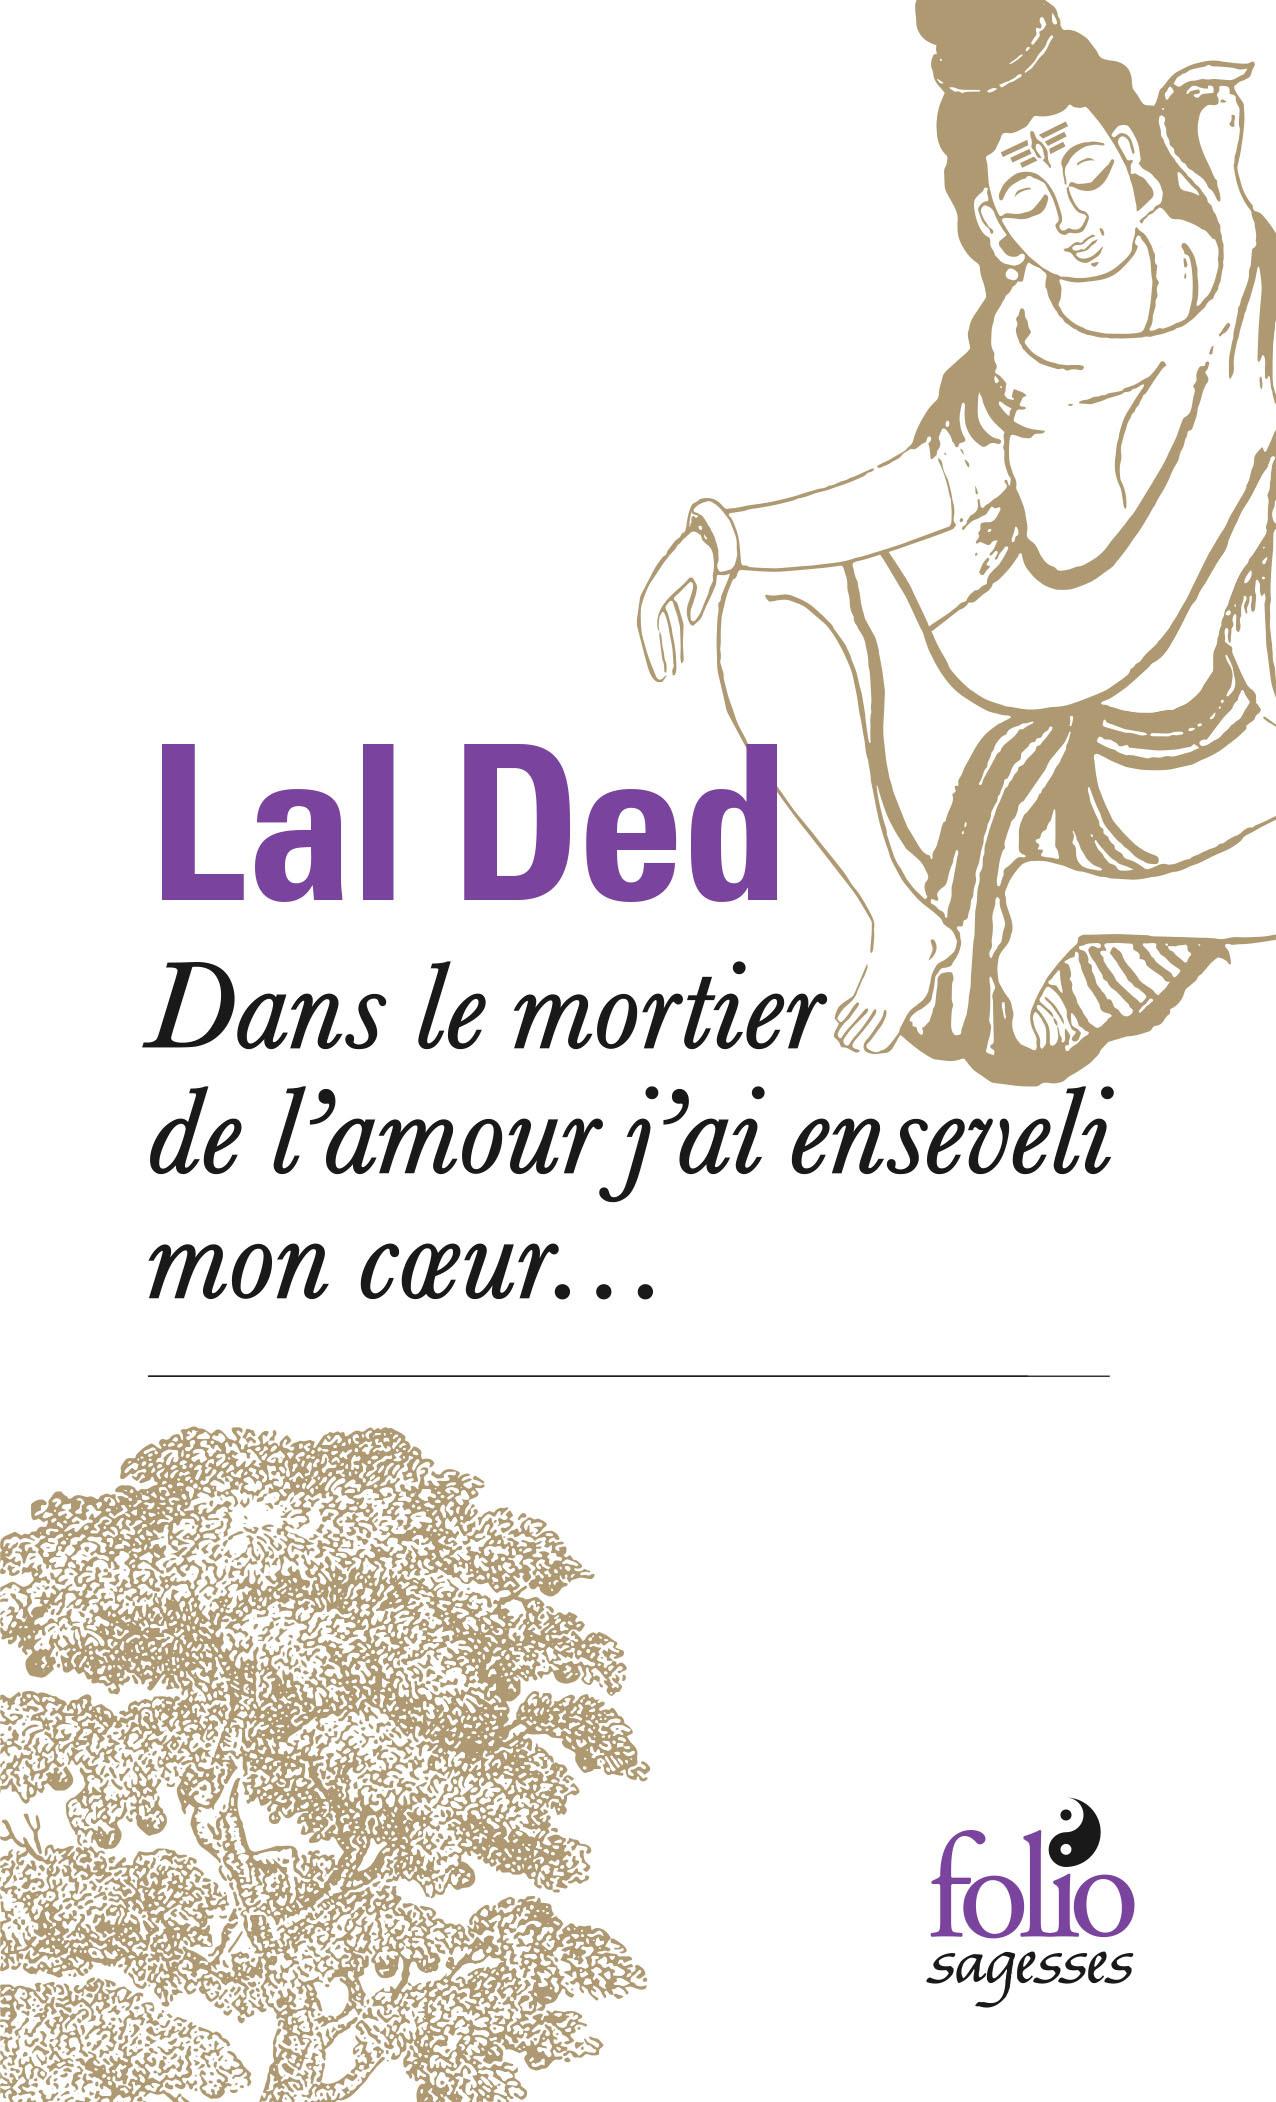 DANS LE MORTIER DE L'AMOUR J'AI ENSEVELI MON C UR...